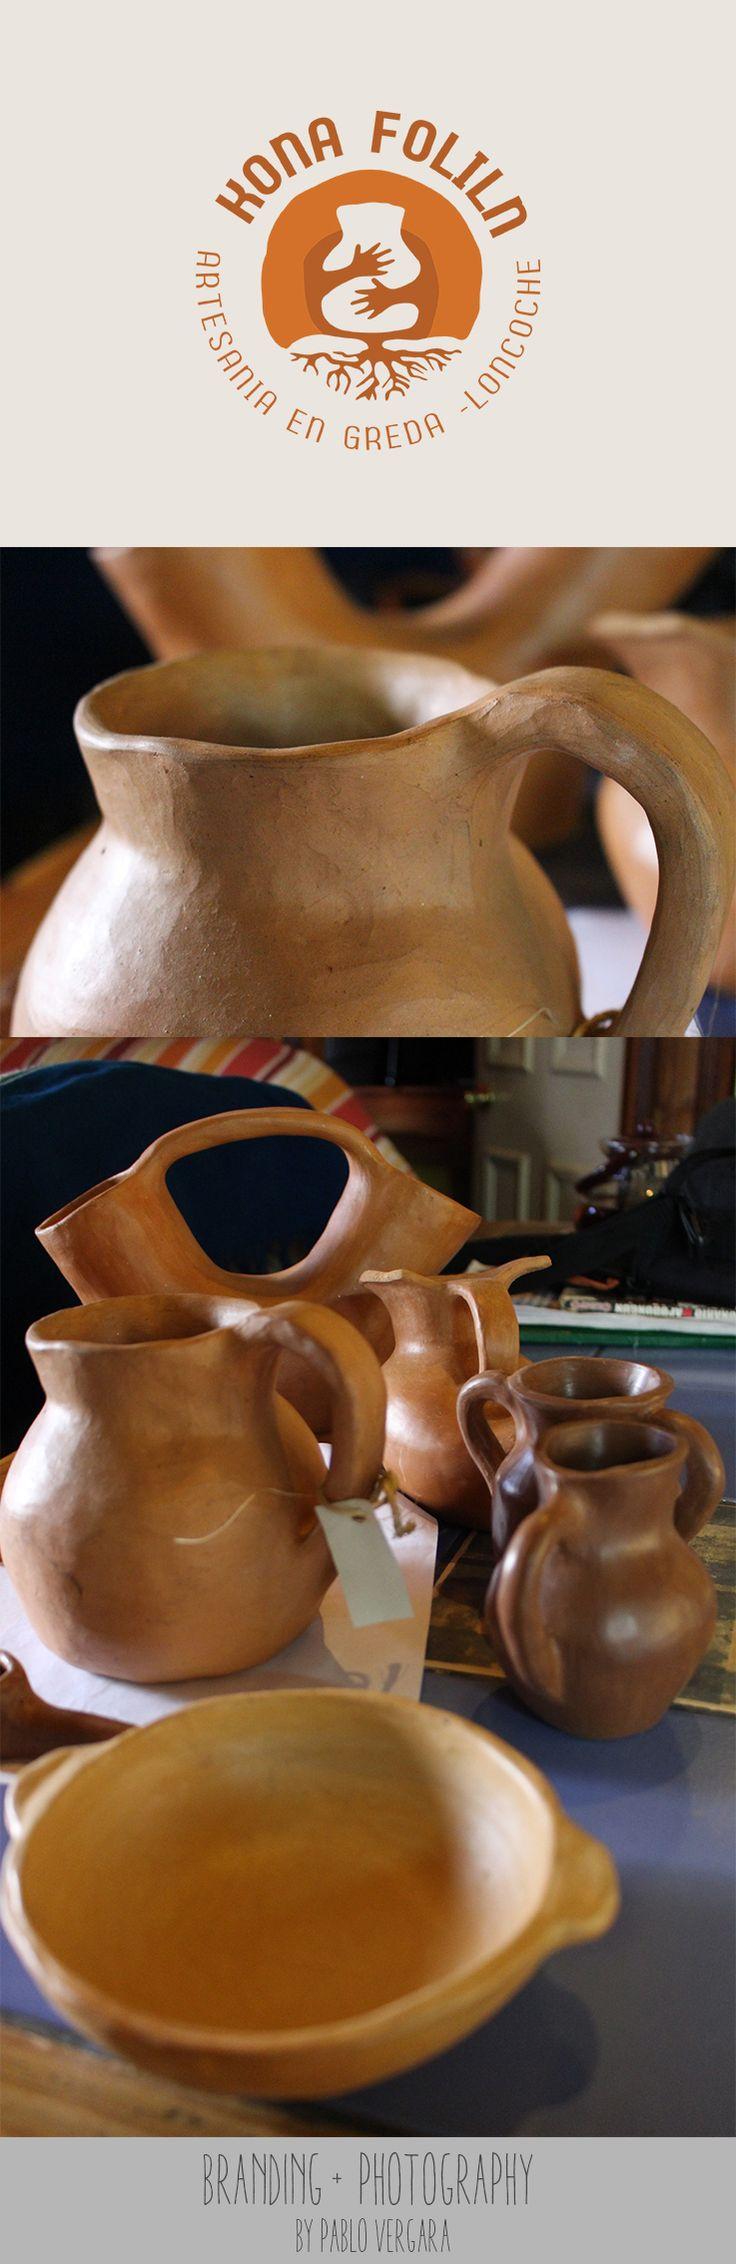 Banding Kona Foliln (Reproducciones Arqueológicas en Greda) Loncoche - Chile. By Pablo Vergara 2016